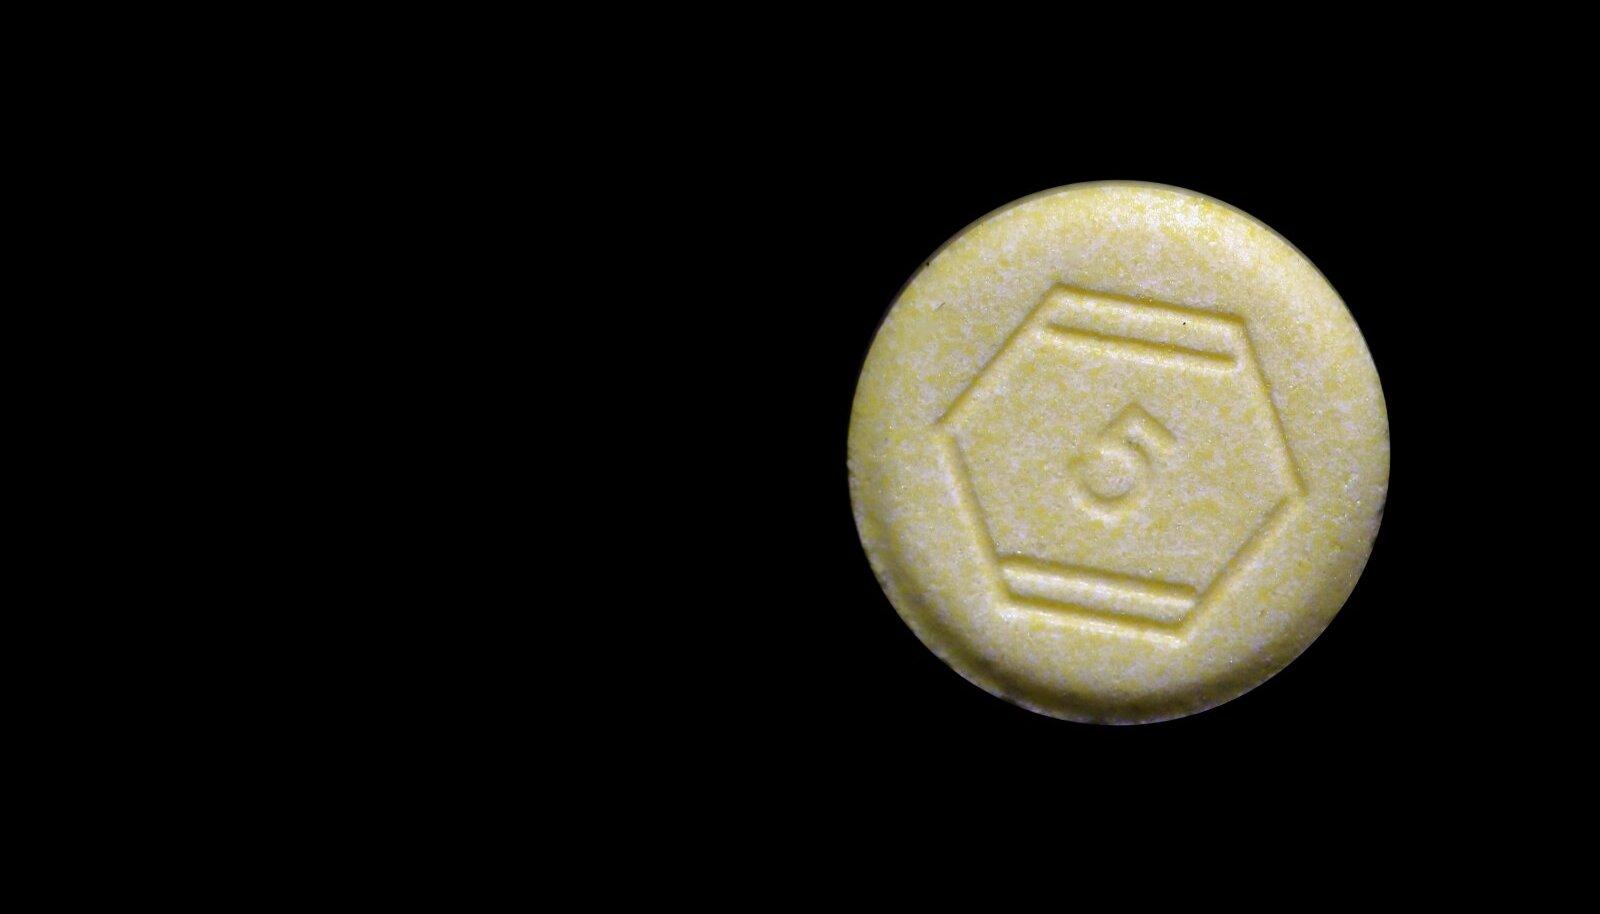 RAHUSTI: Professor tellis teiste hulgas ka diasepaami sisaldavaid tablette, mida kasutatakse ärevusseisundi ja alkoholi võõrutusnähute korral.